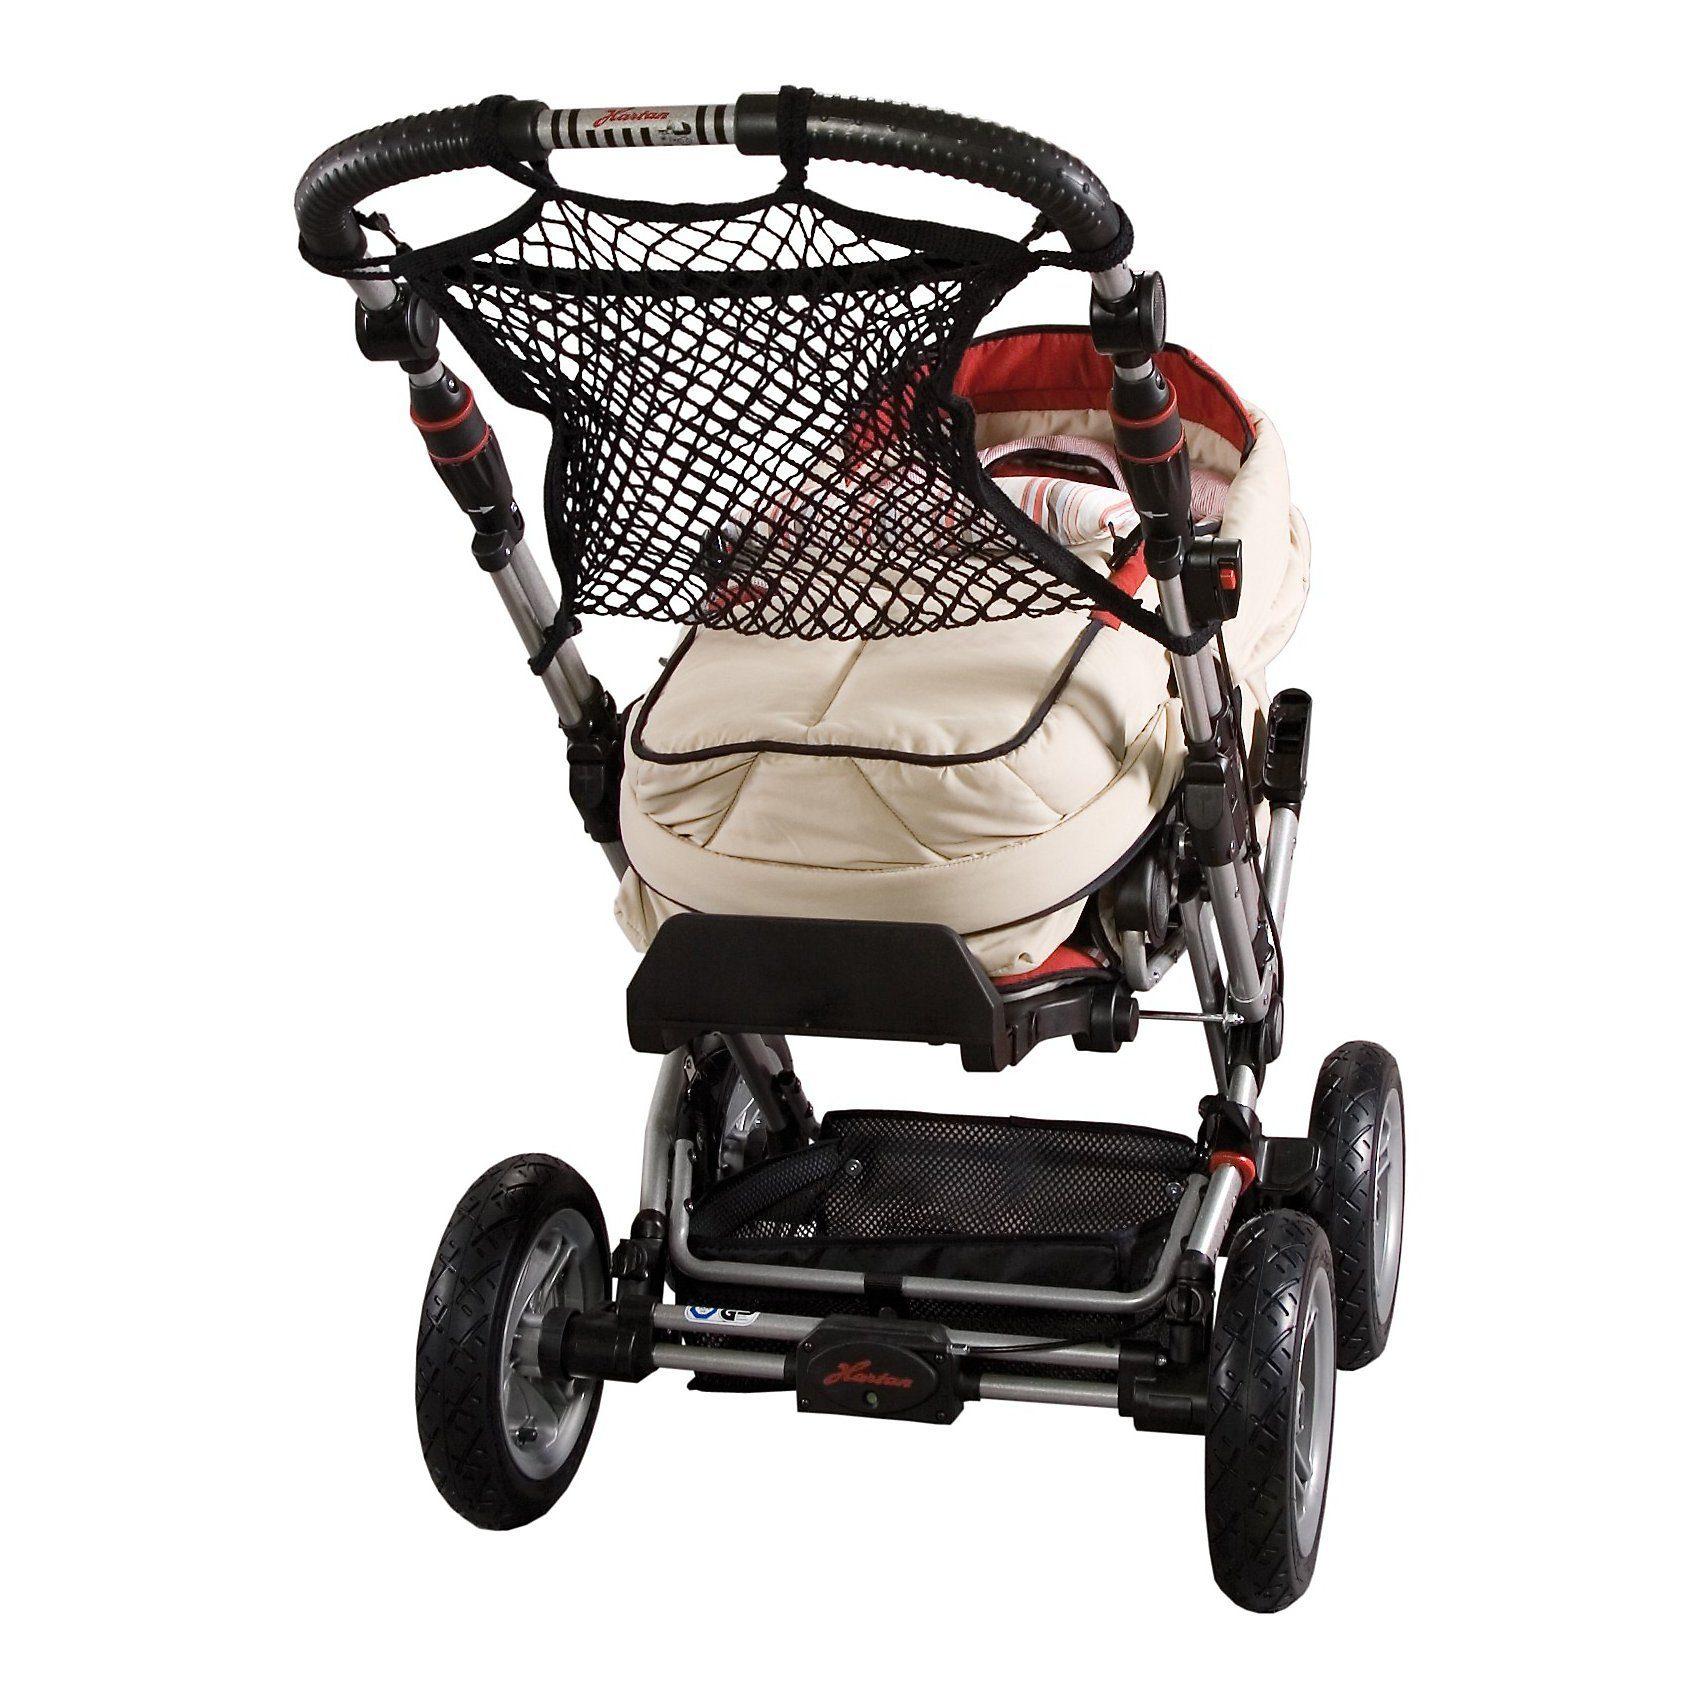 sunnybaby Universalnetz für Kinderwagen, mit Anker, schwarz